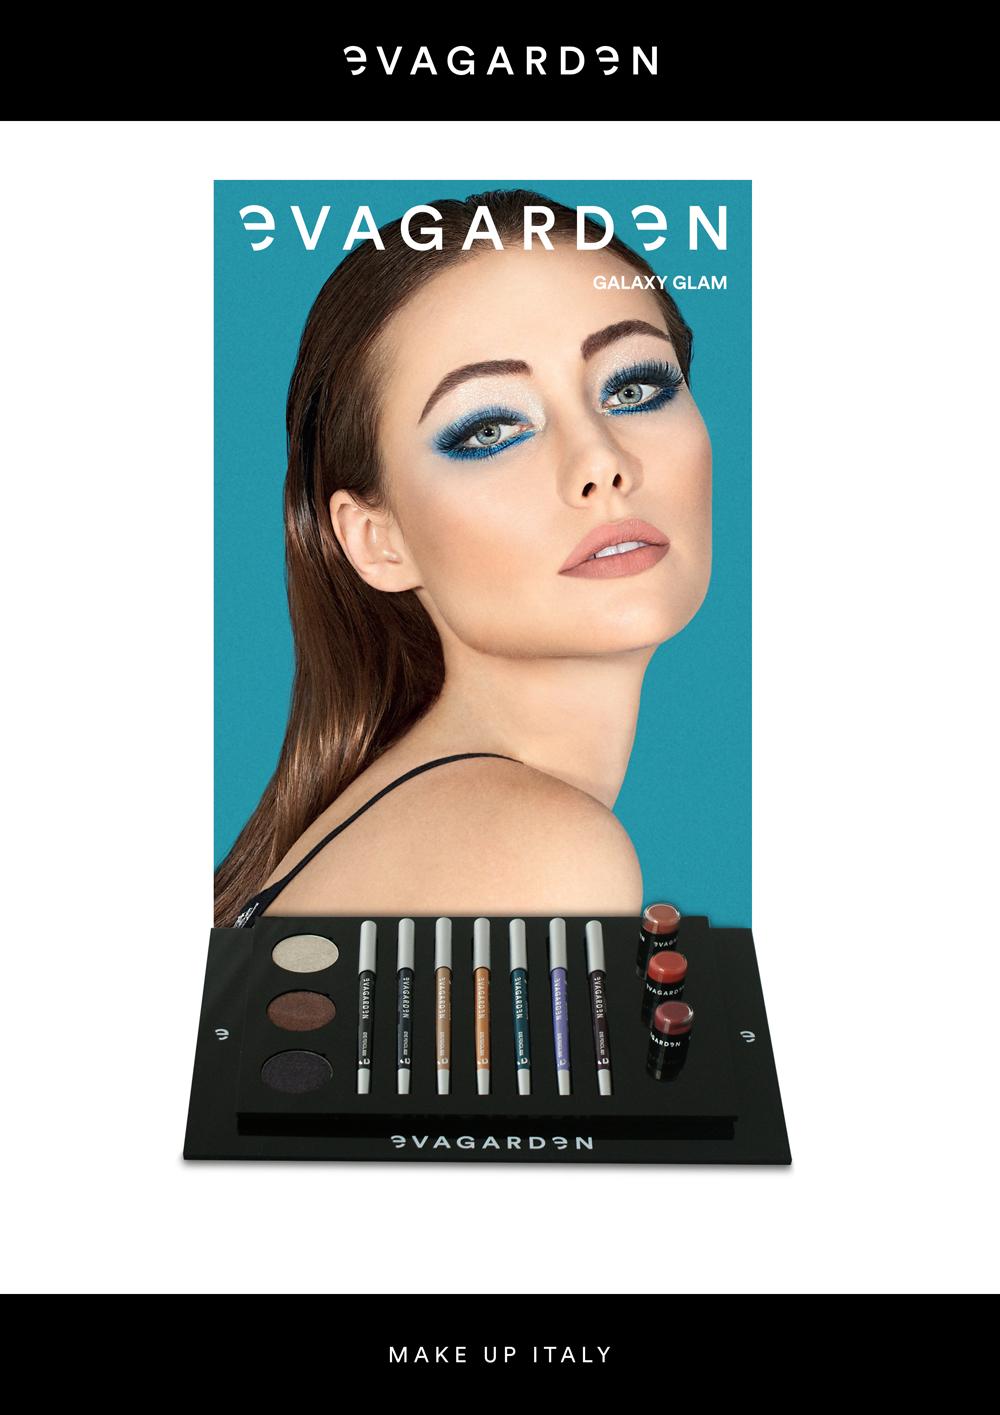 Galaxy Glam de EVAGARDEN - Sinergia Make Up distribuidor oficial en España